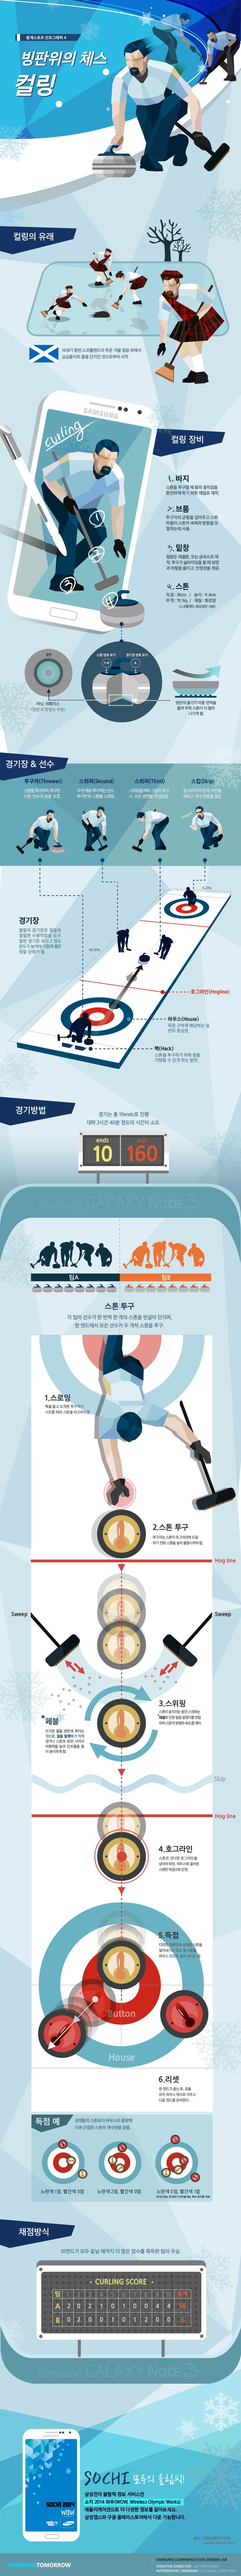 [인포그래픽] 빙판 위의 체스, 컬링